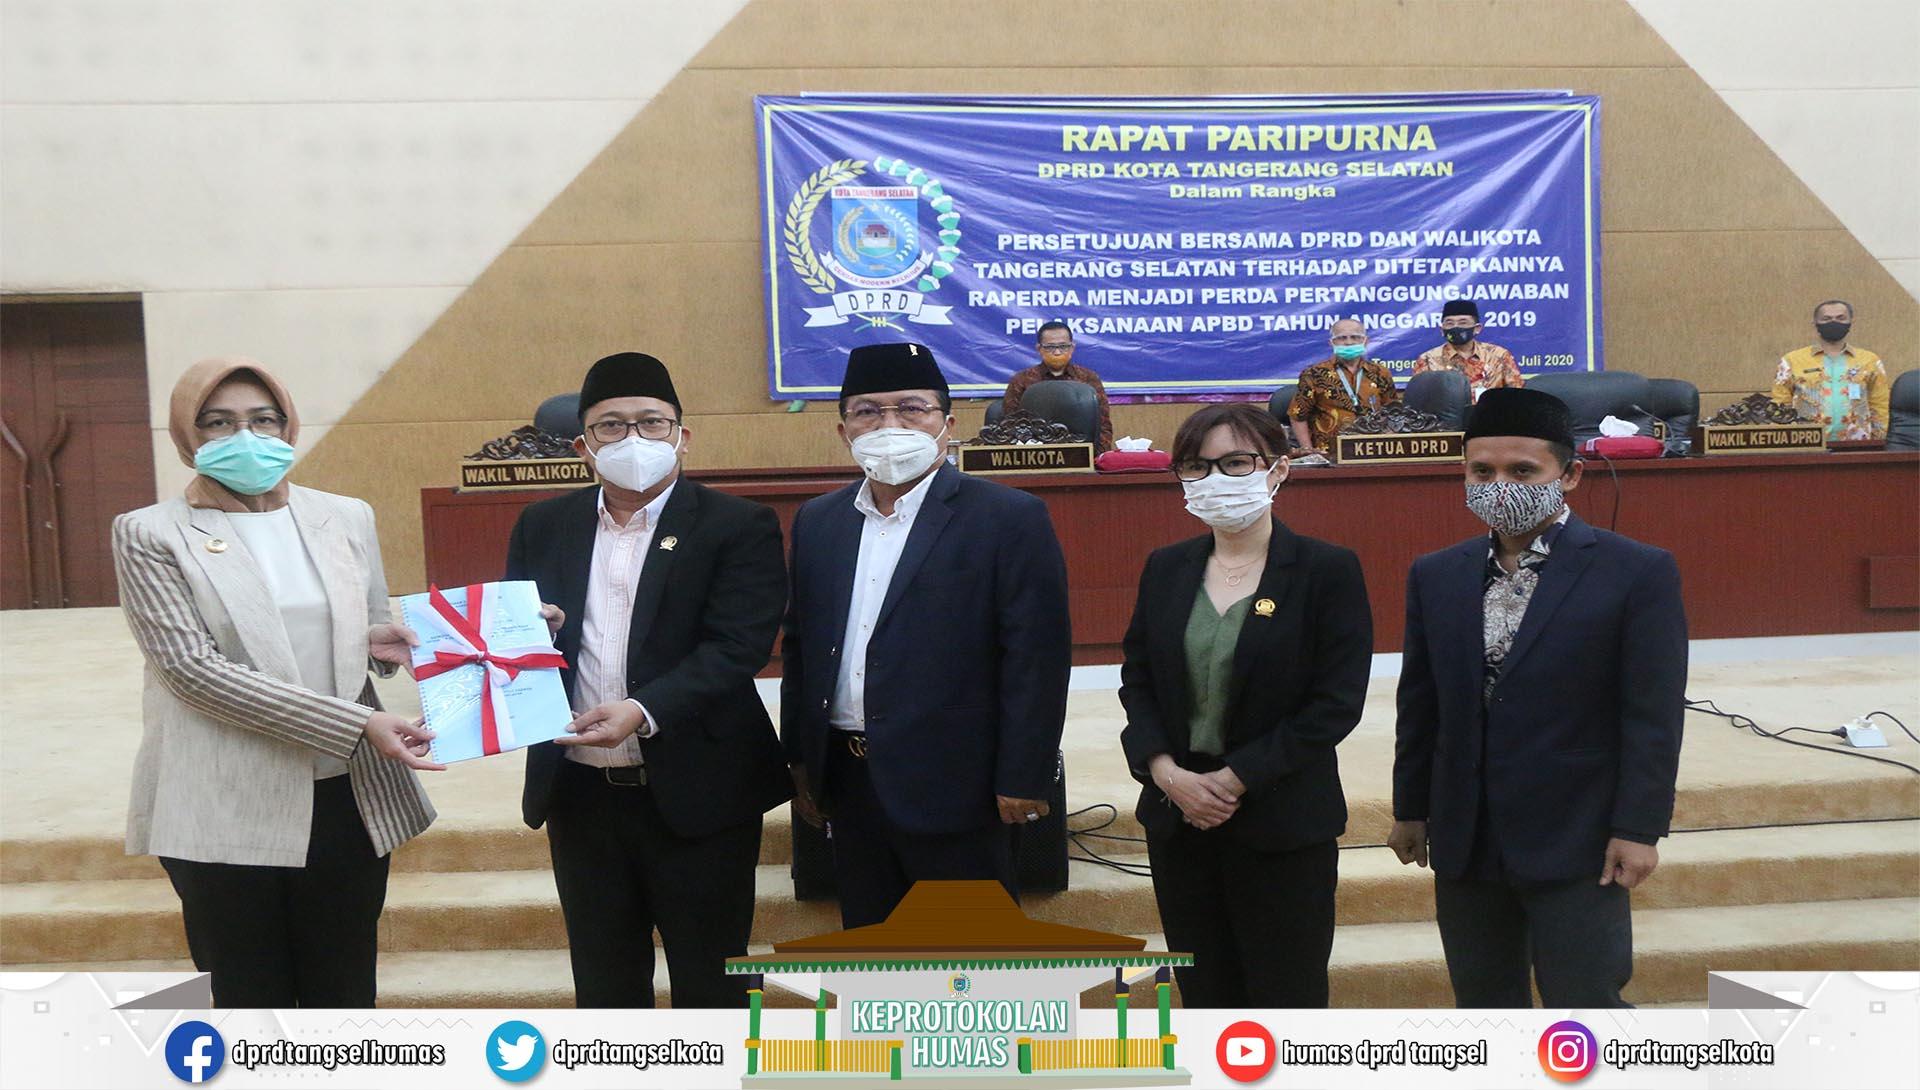 Persetujuan Bersama DPRD dan Walikota Pertanggungjawaban APBD TA 2019